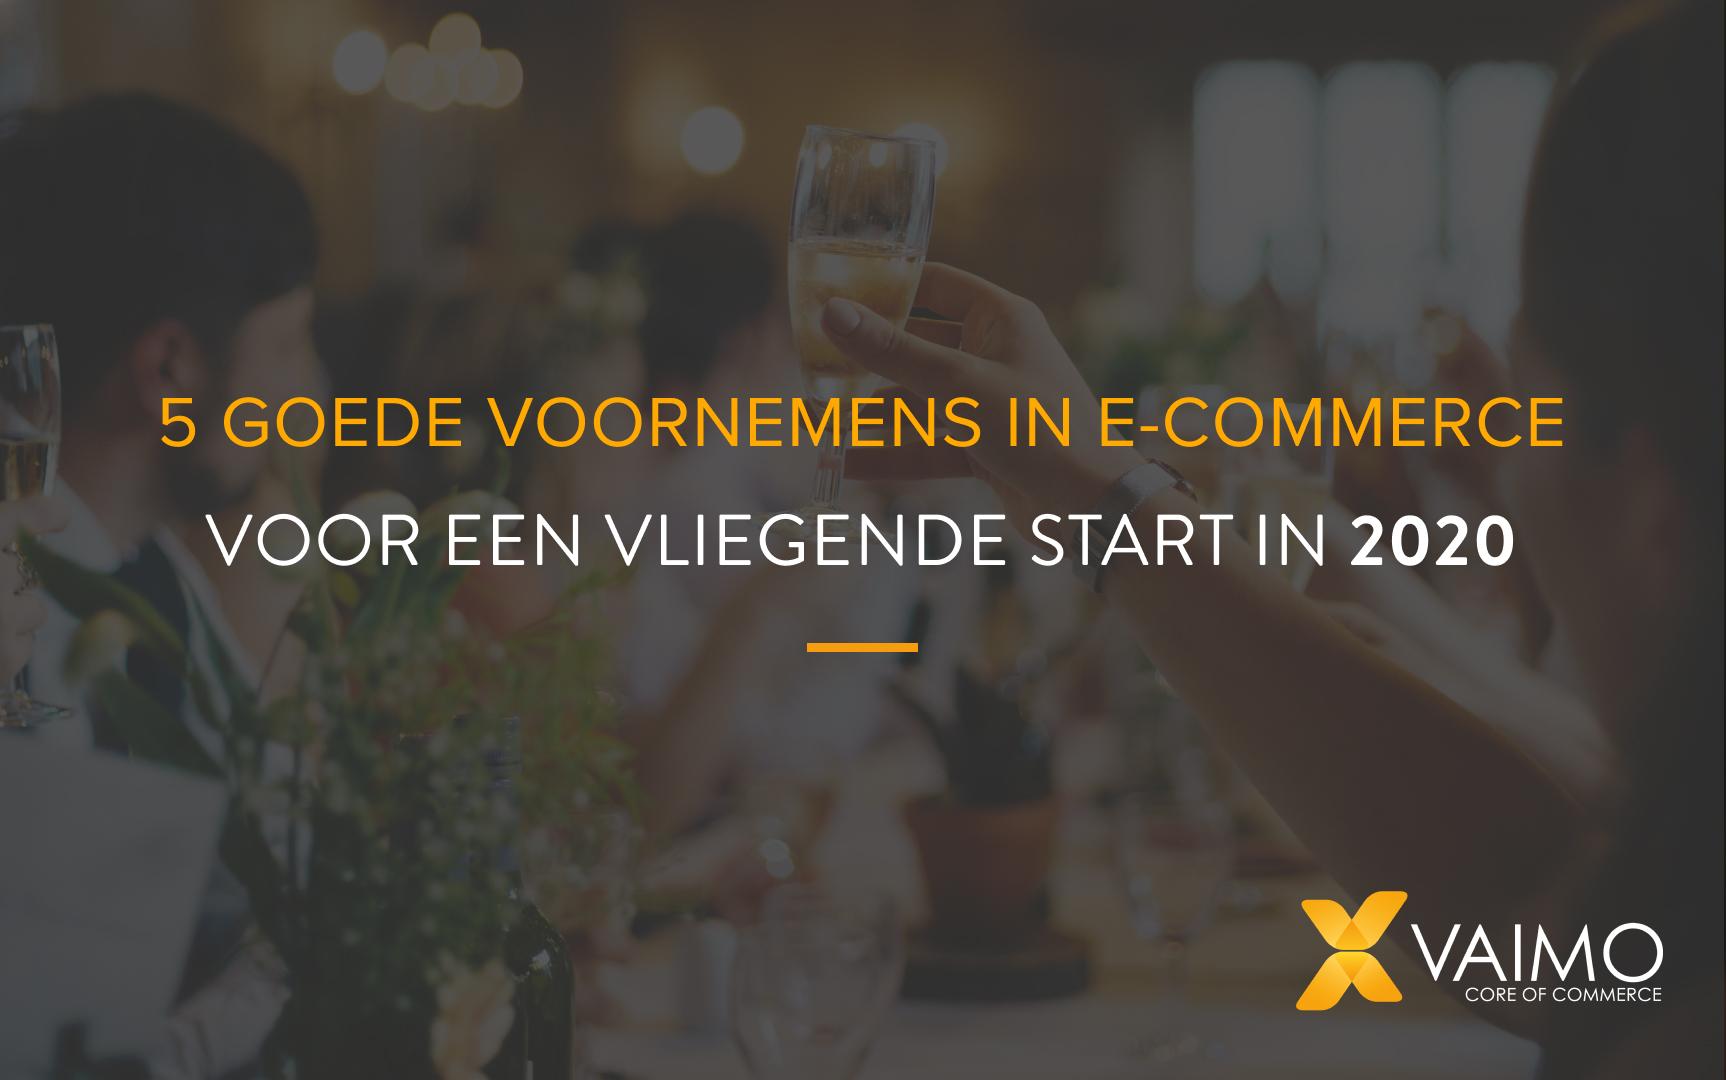 5 goede voornemens in e-commerce voor een vliegende start in 2020!